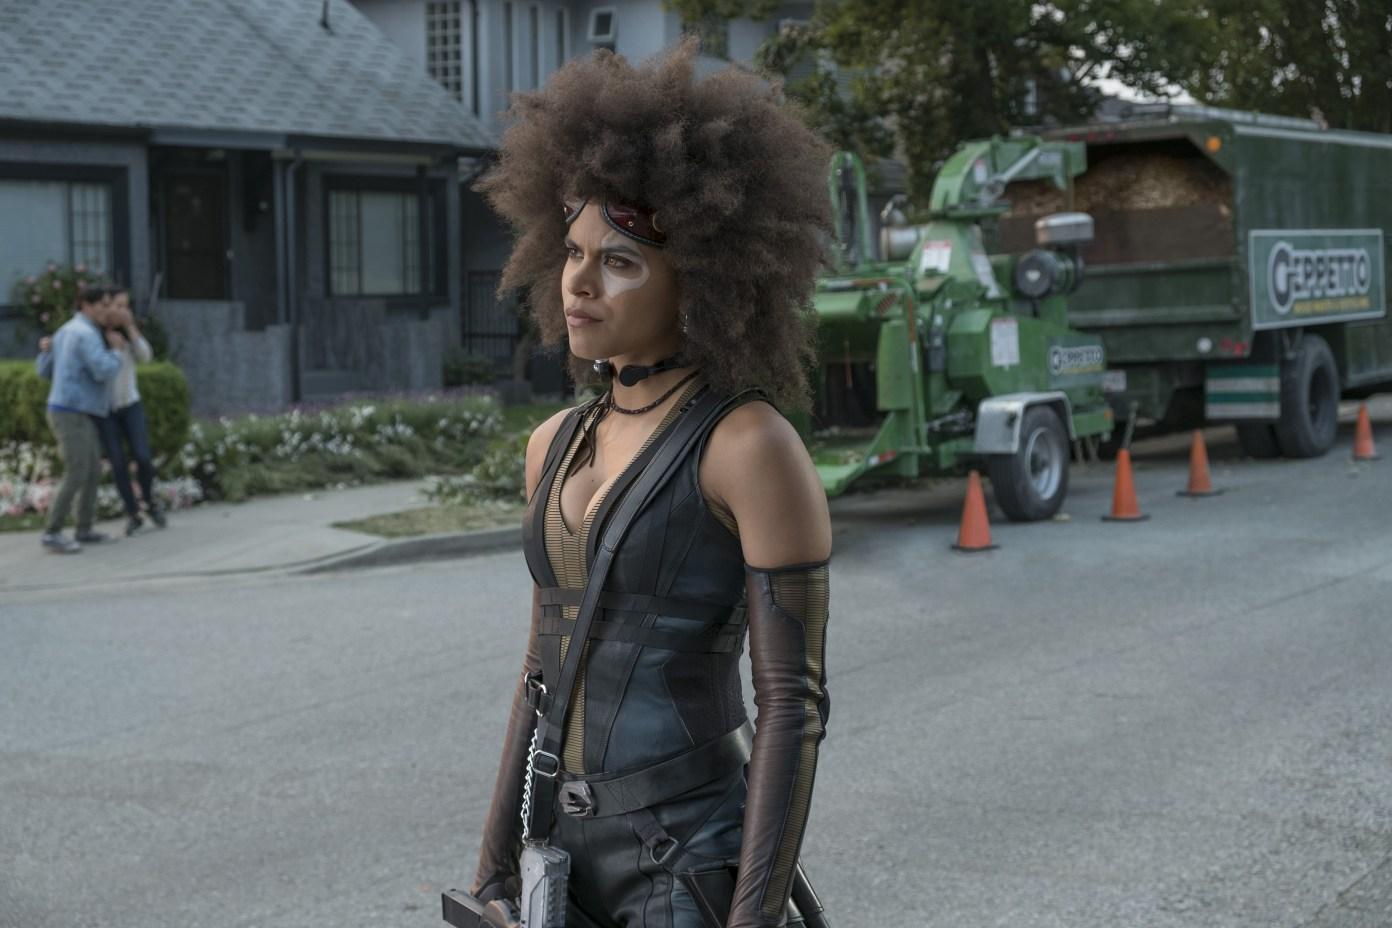 Zazie-Beetz-Deadpool-2.jpg?w=1392&qualit